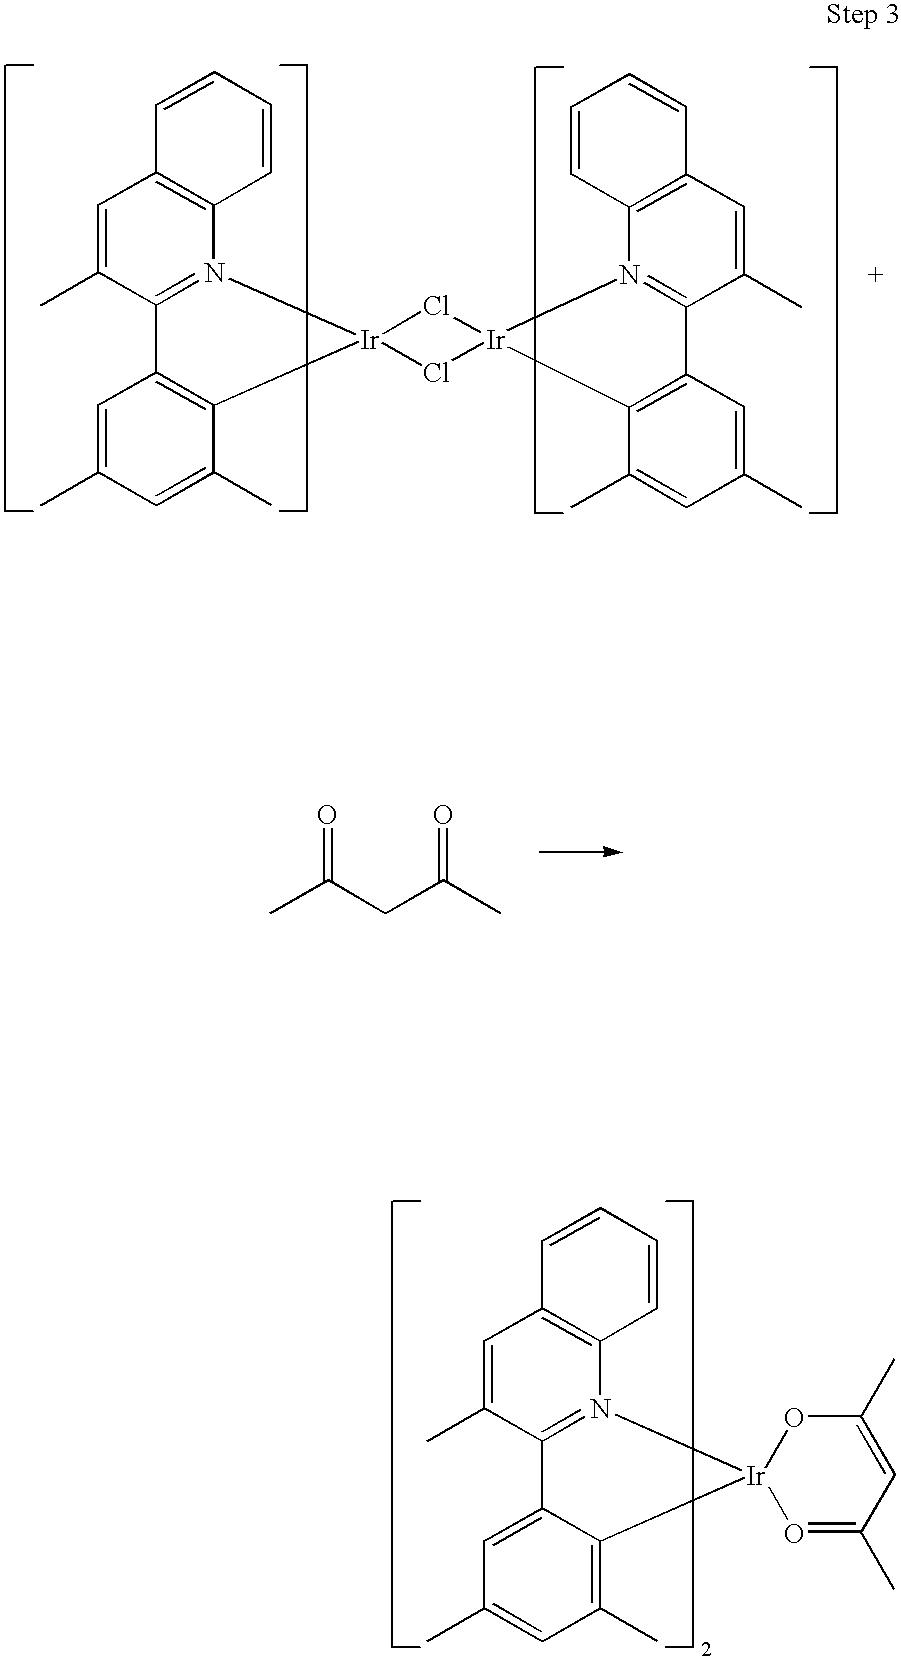 Figure US20100090591A1-20100415-C00141